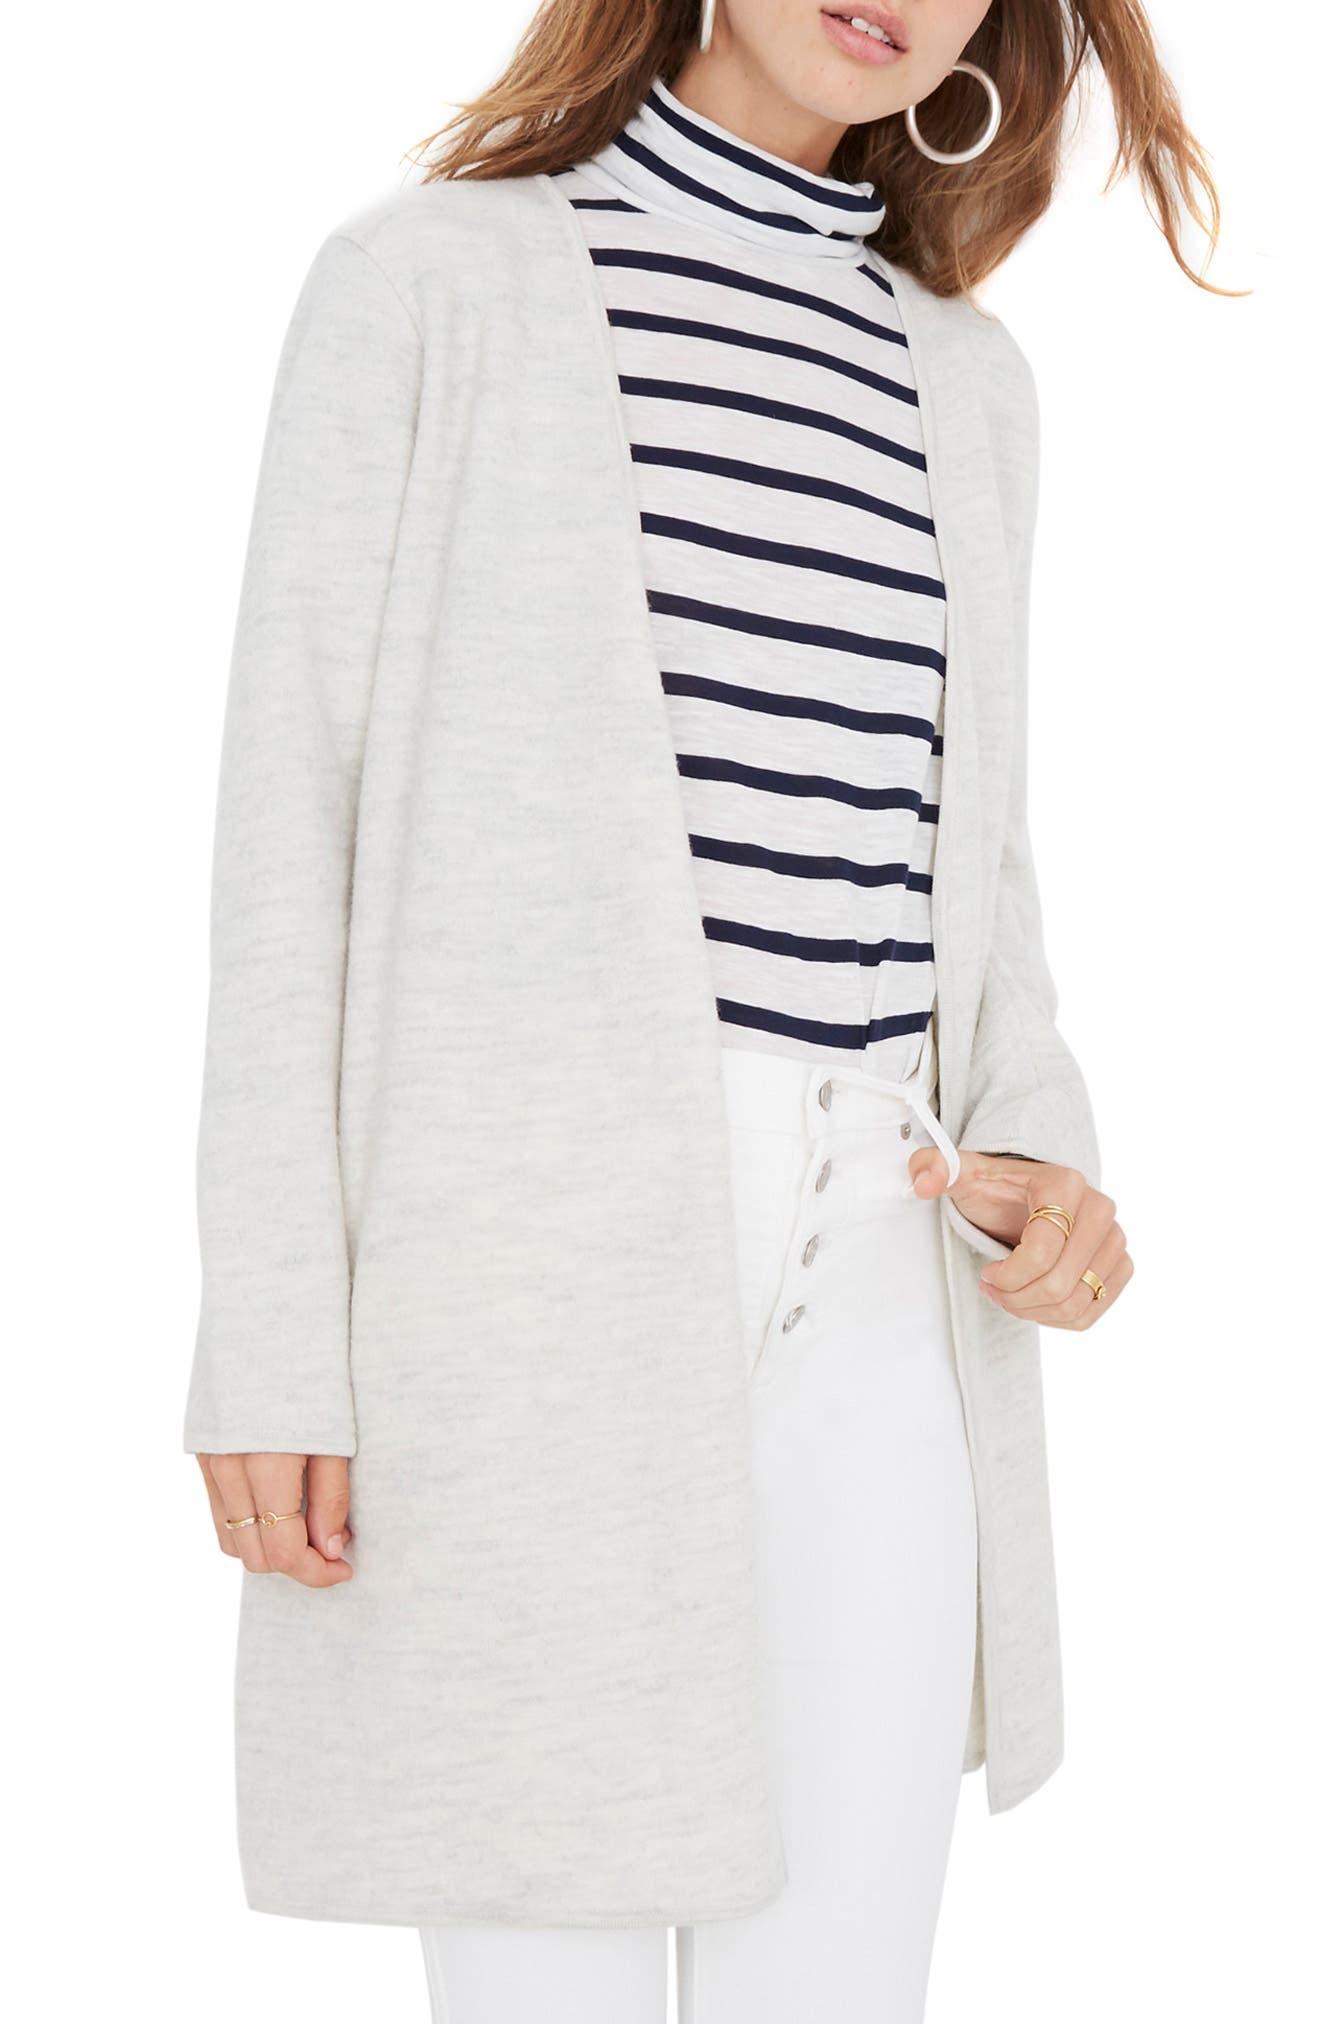 Lombard Sweater Coat,                             Main thumbnail 1, color,                             020